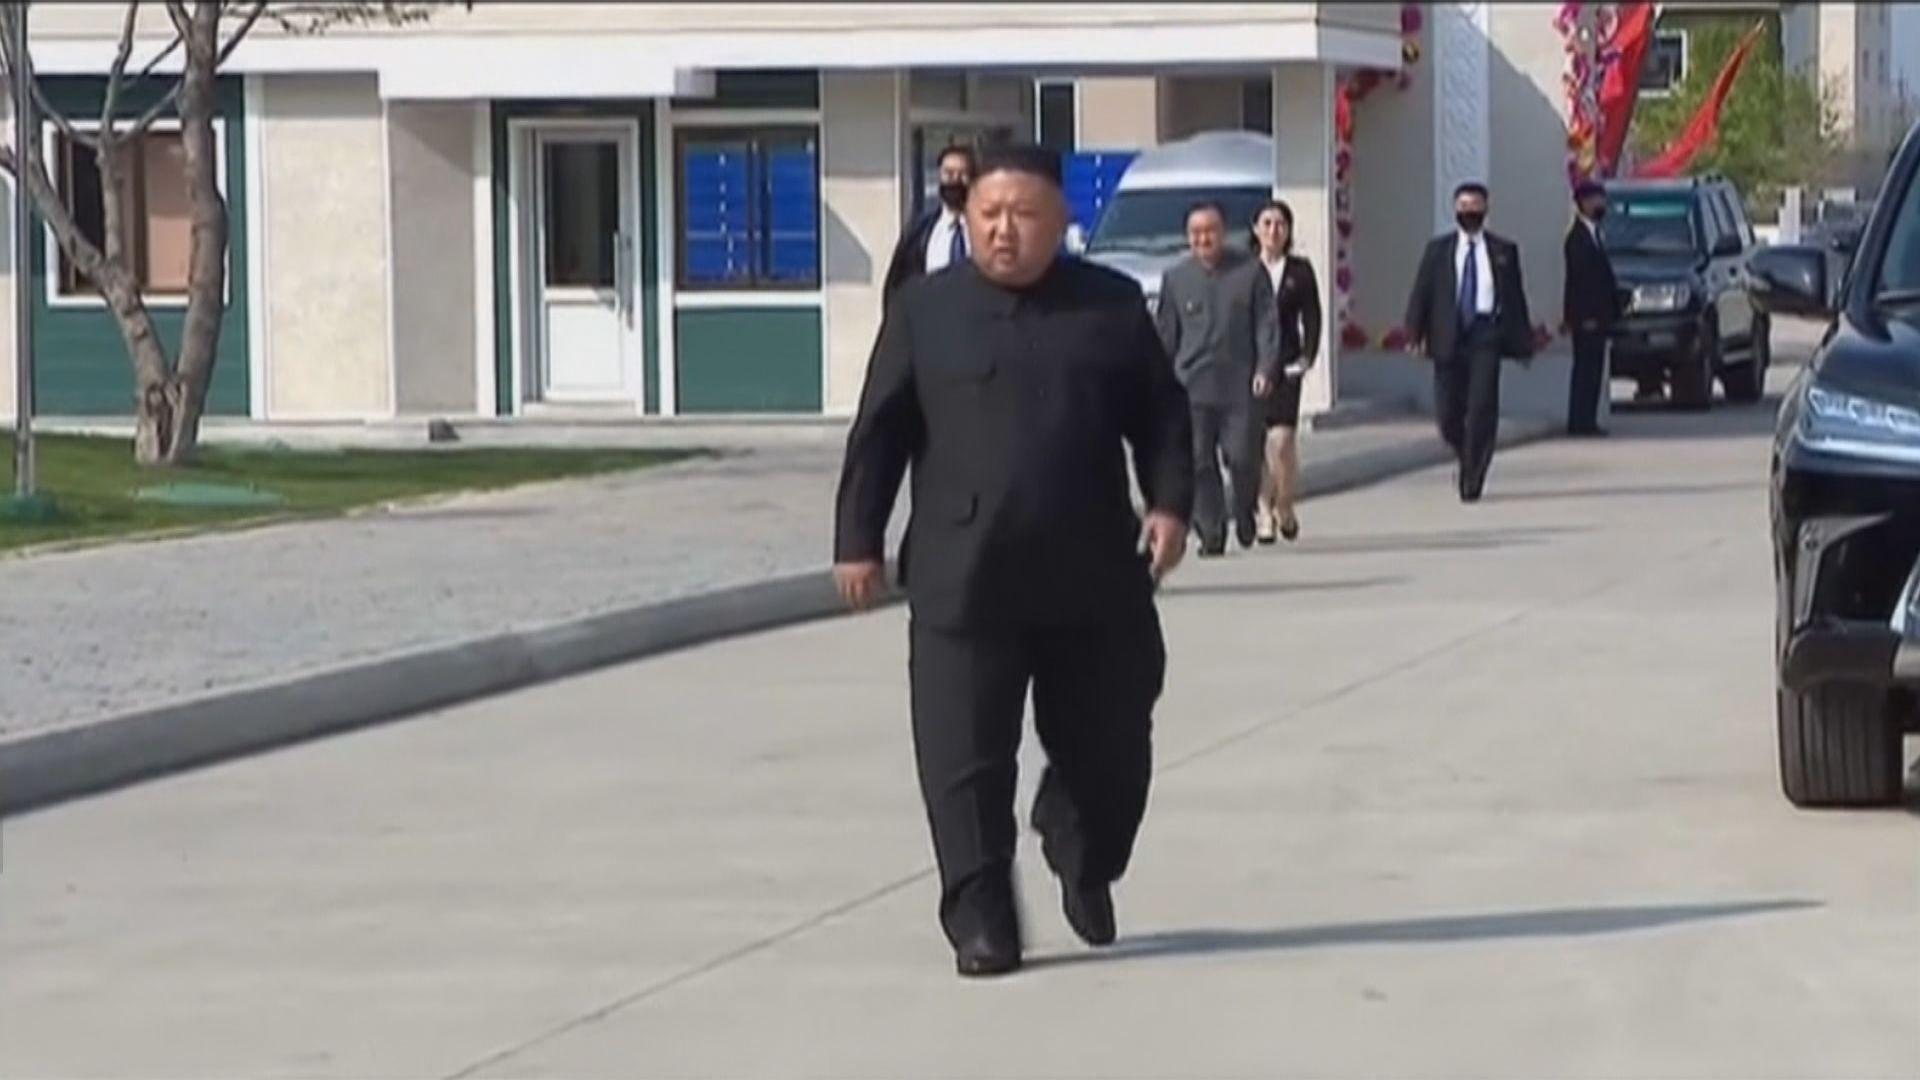 金正恩出席磷肥廠竣工儀式 行動自如打破病重傳言